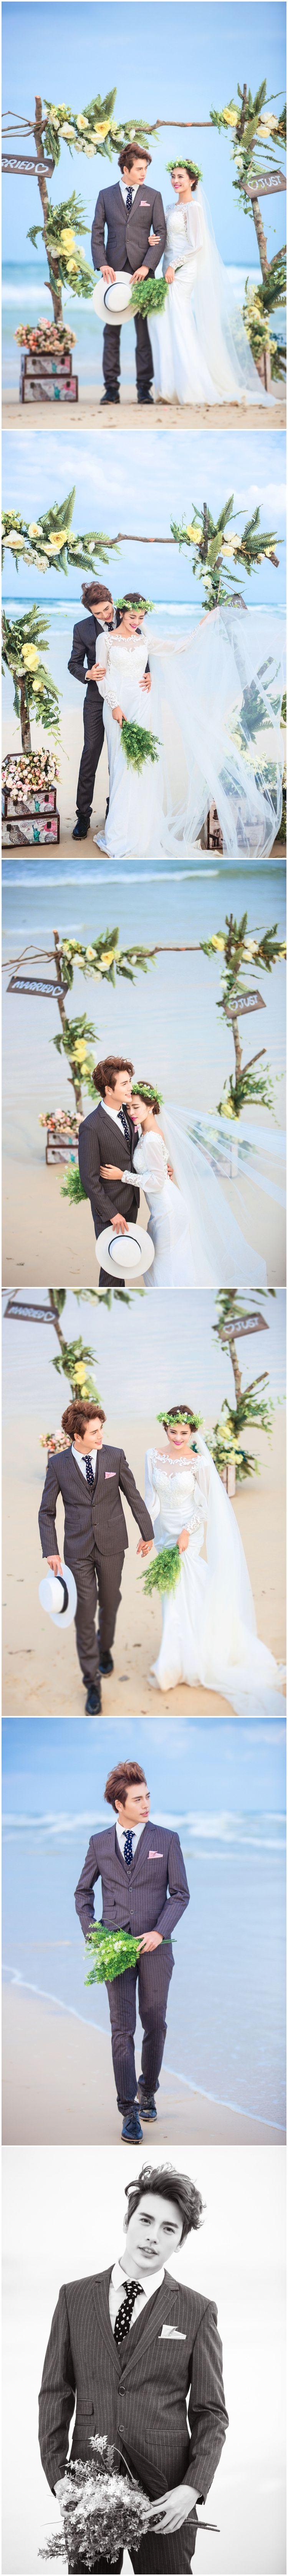 婚纱样片唯美白纱海边蓝天白云海滩沙滩新娘情侣写真放大样照图片